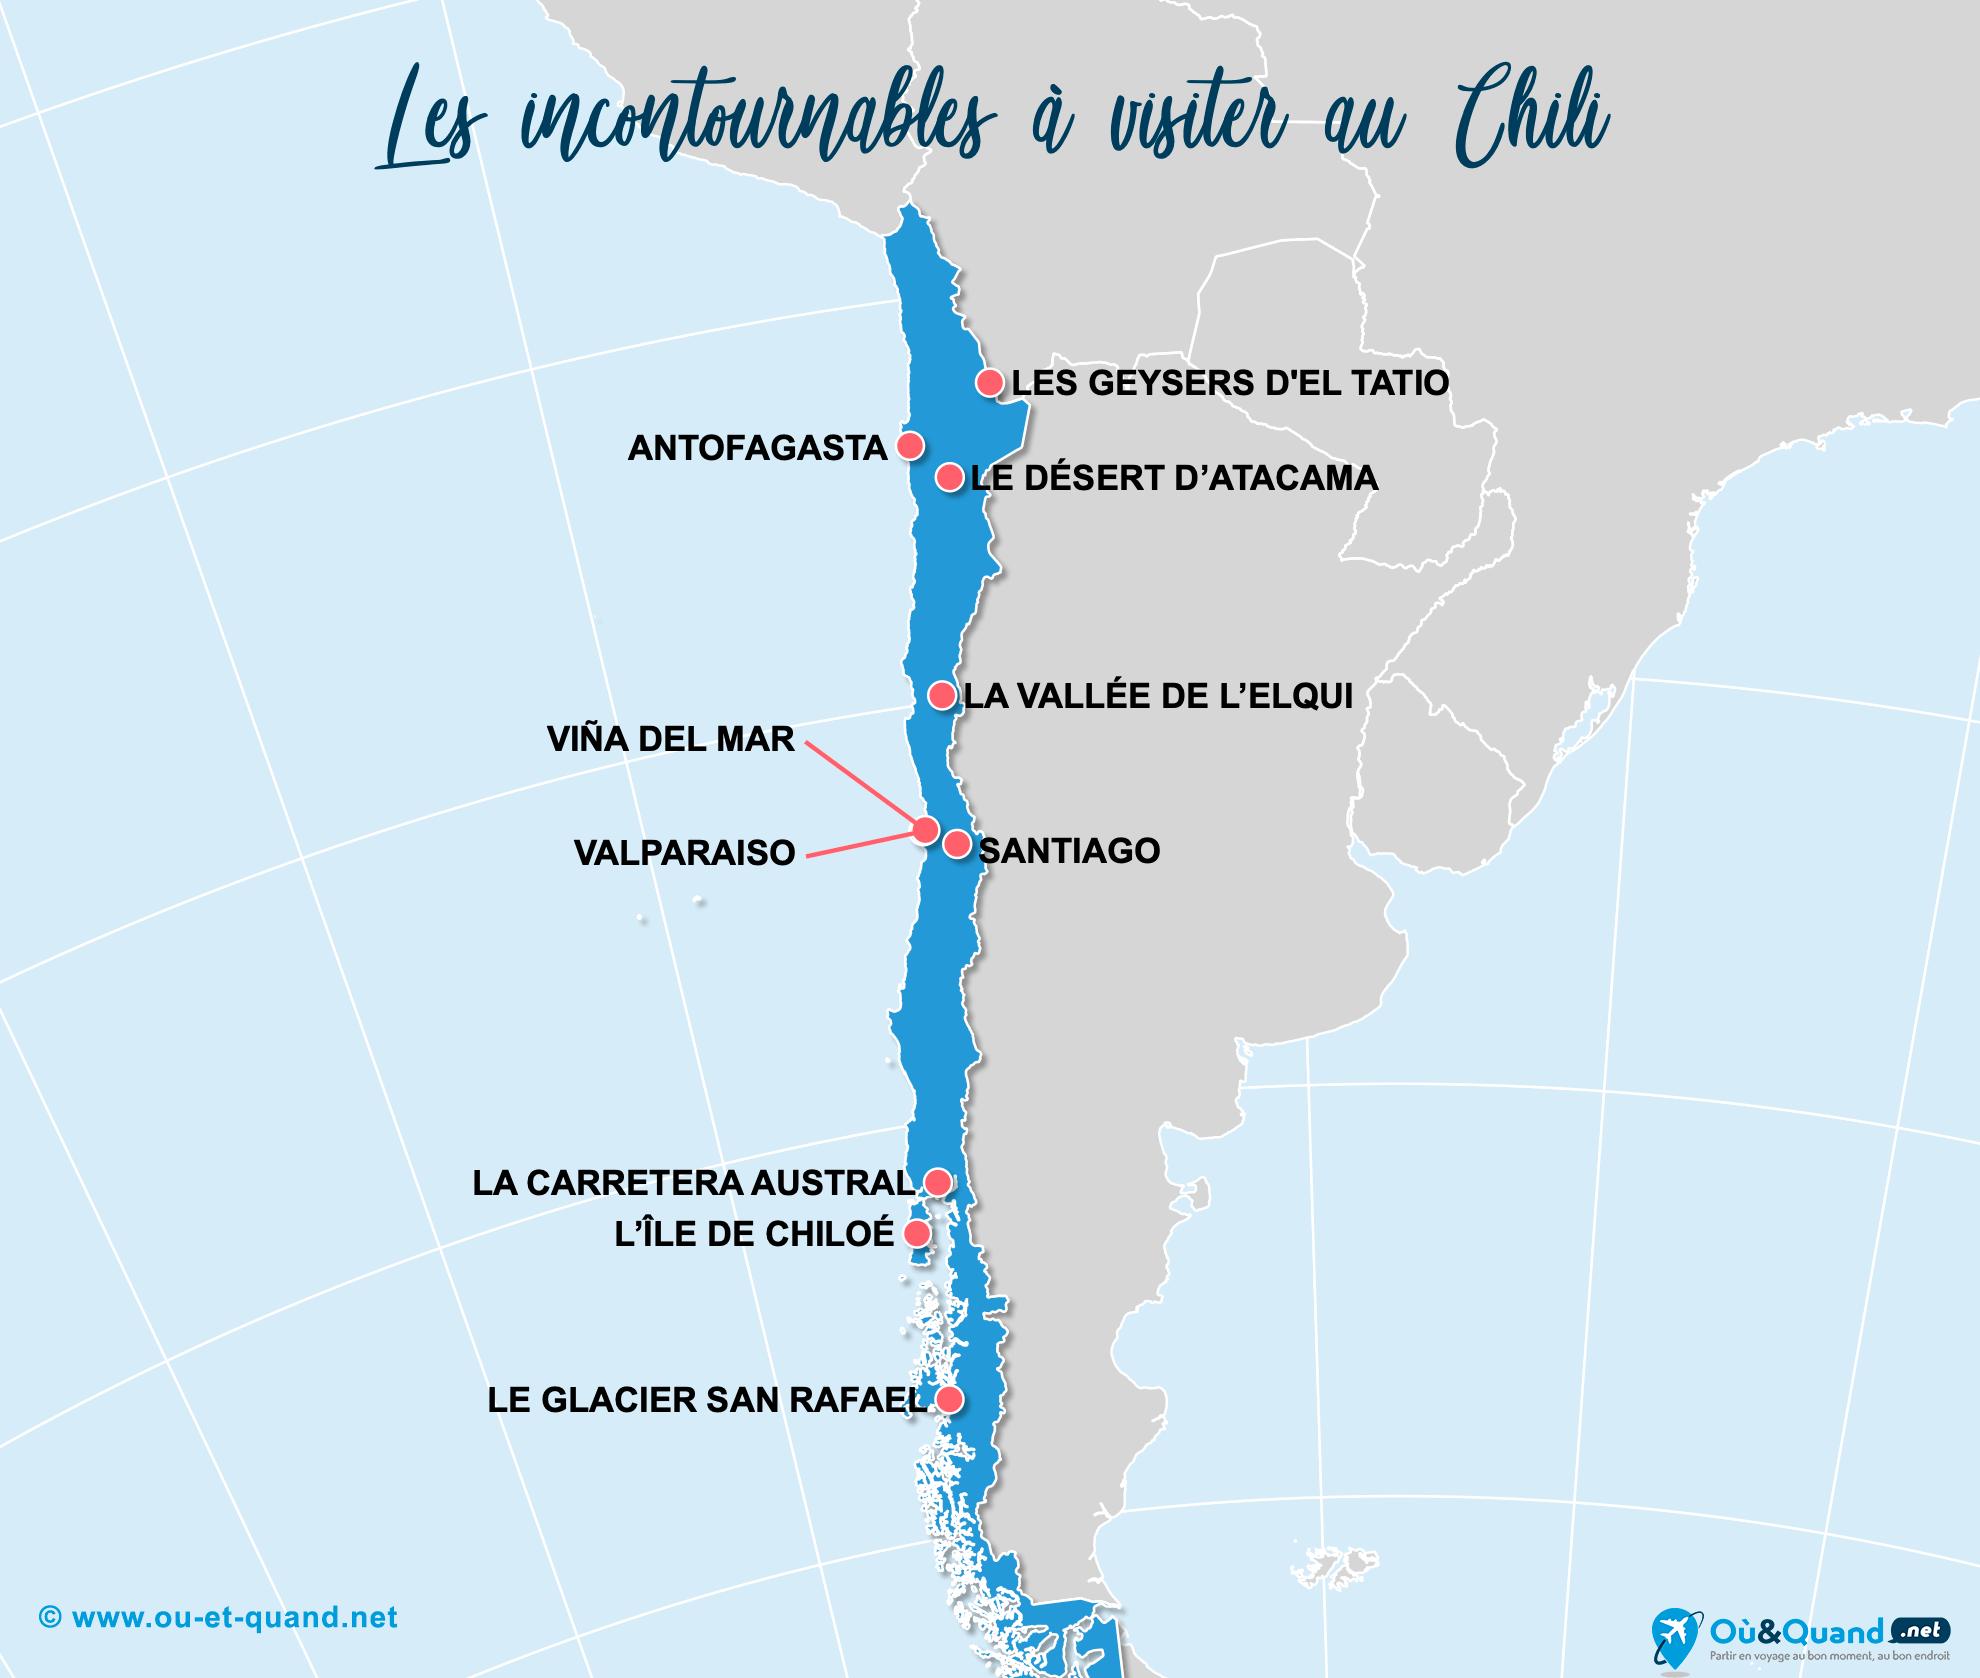 Carte Incontournables Chili